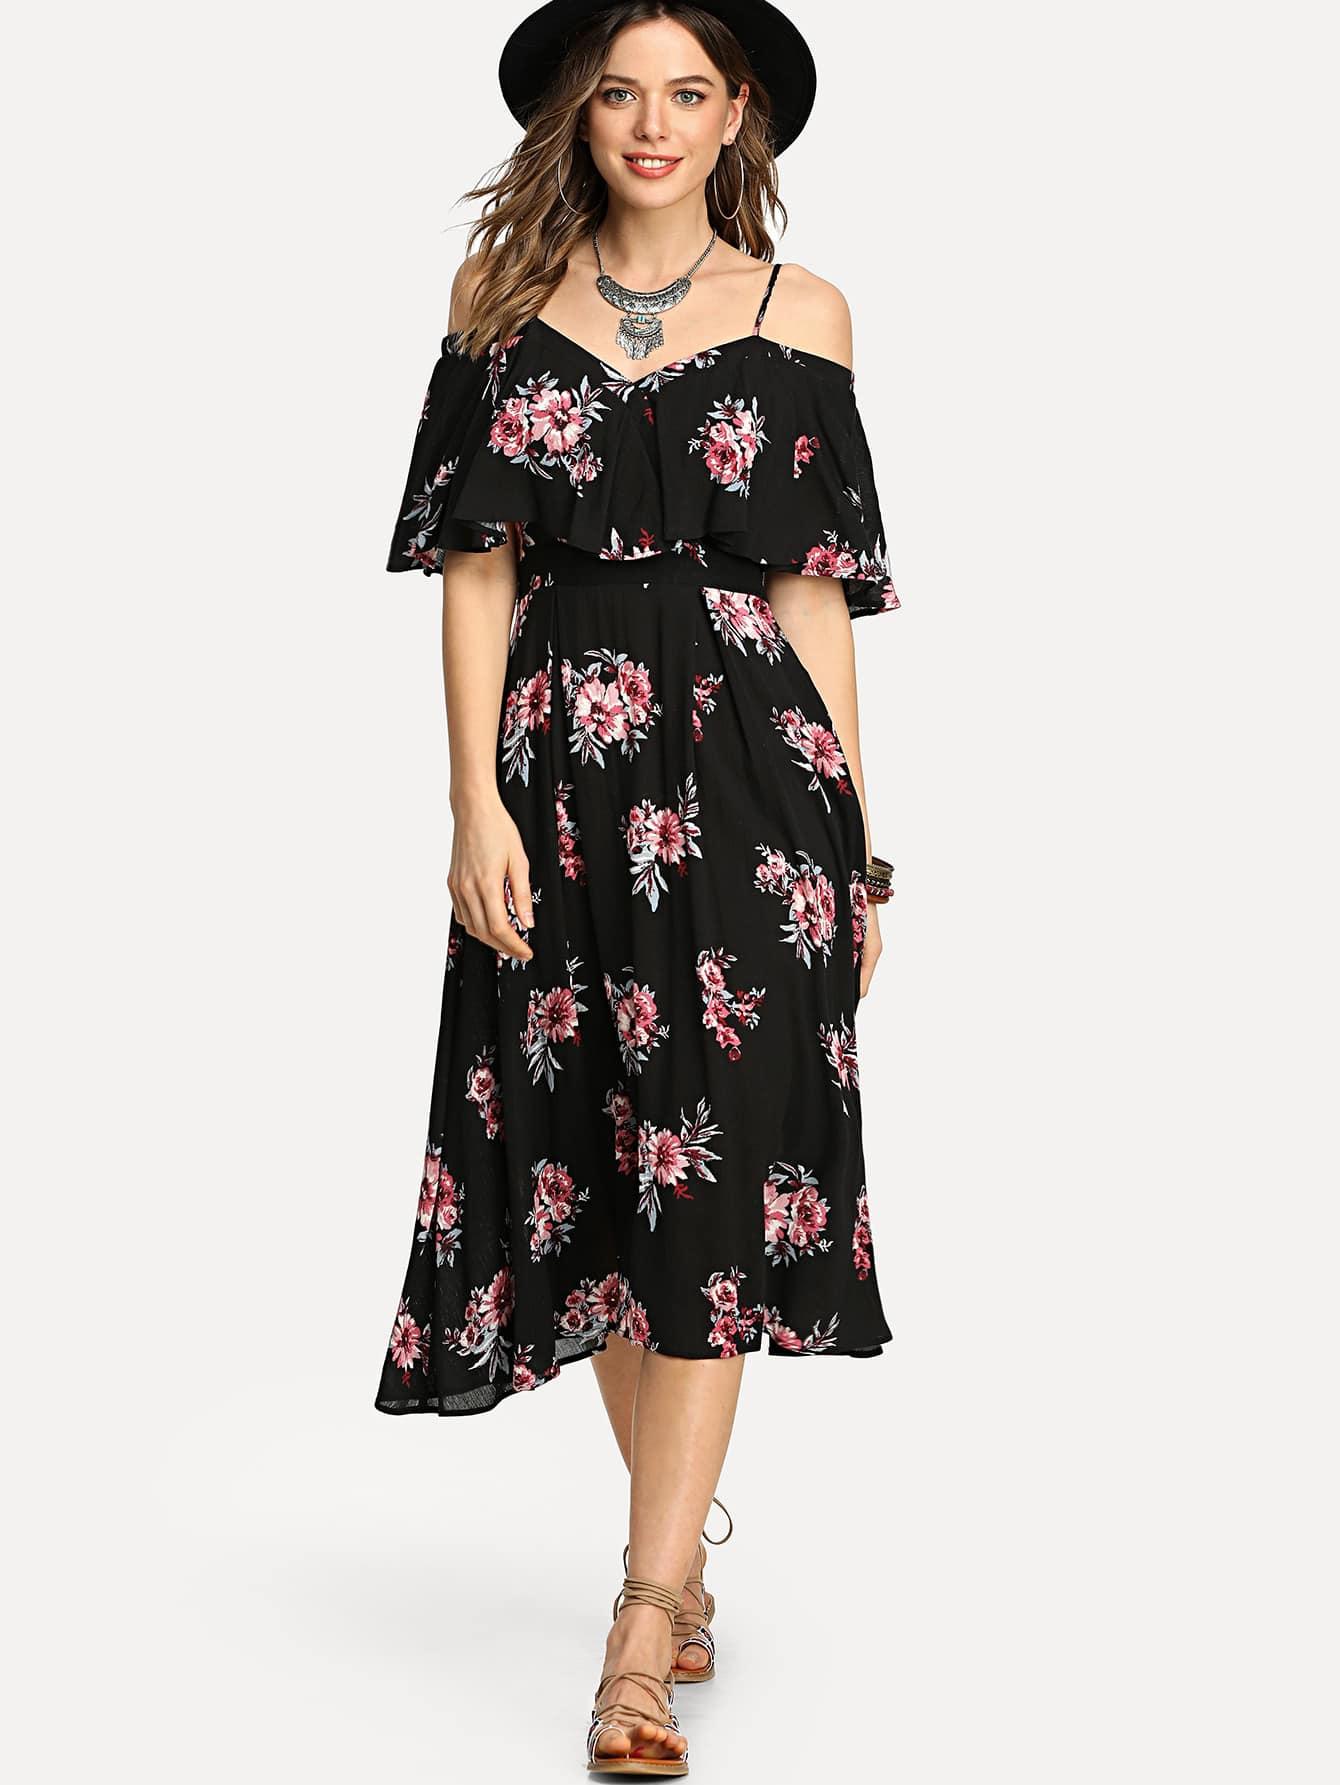 666857411c Cheap Flounce Cold Shoulder Floral Dress for sale Australia | SHEIN